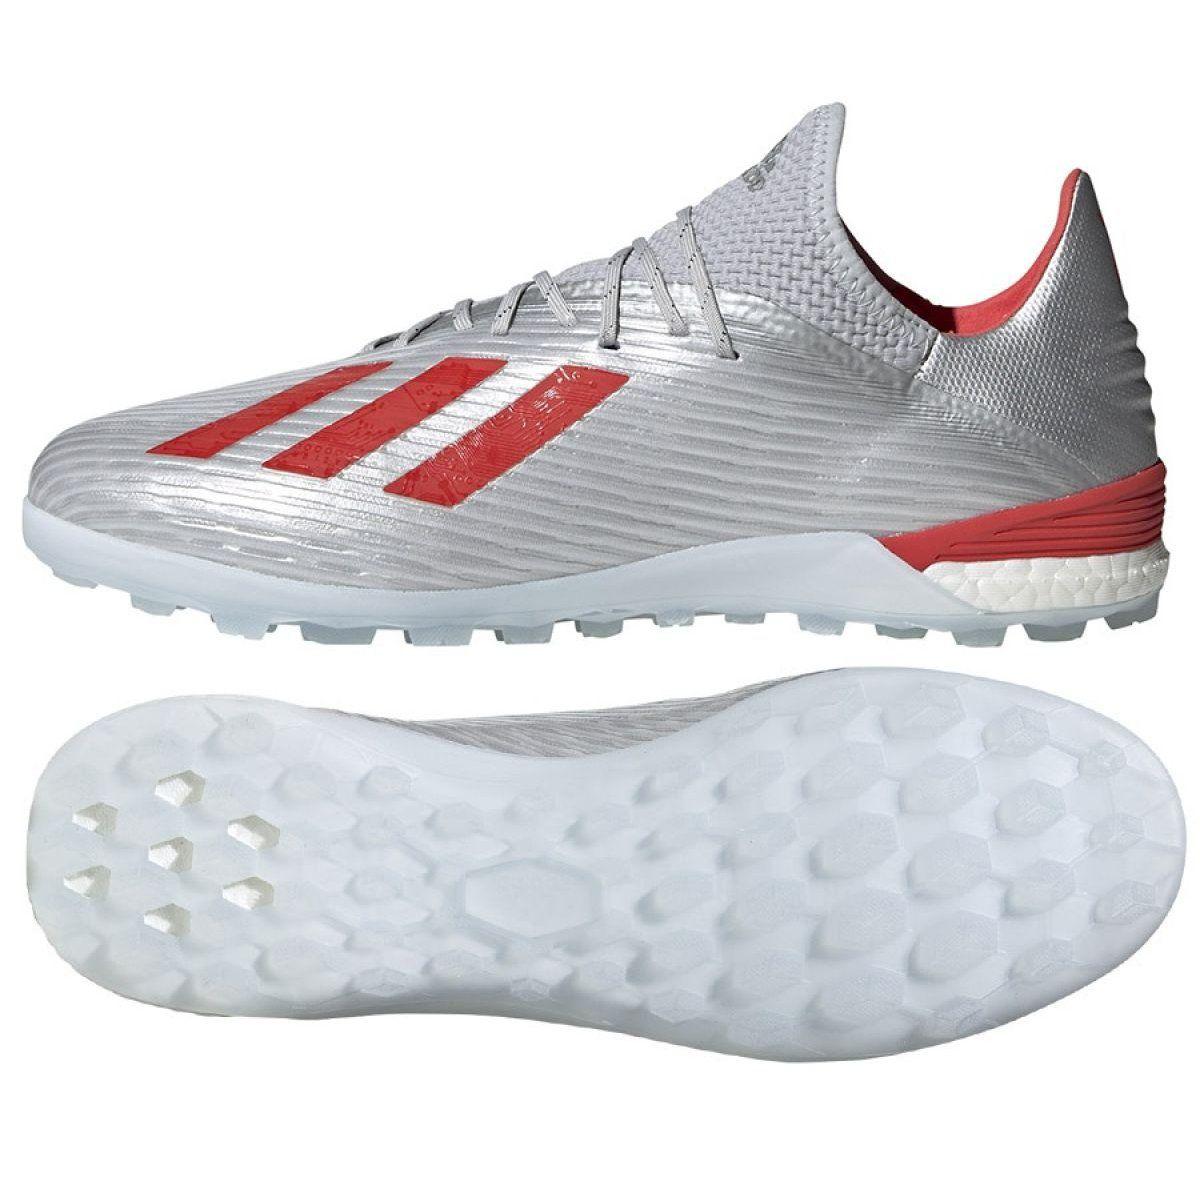 Buty Pilkarskie Adidas X 19 1 Tf M G25752 Wlasciwosci Meskie Buty Pilkarskie Firmy Adidas Przeznaczone Do Gry Na Nawierzchniach Sztucznych Niski Kolnierz I F